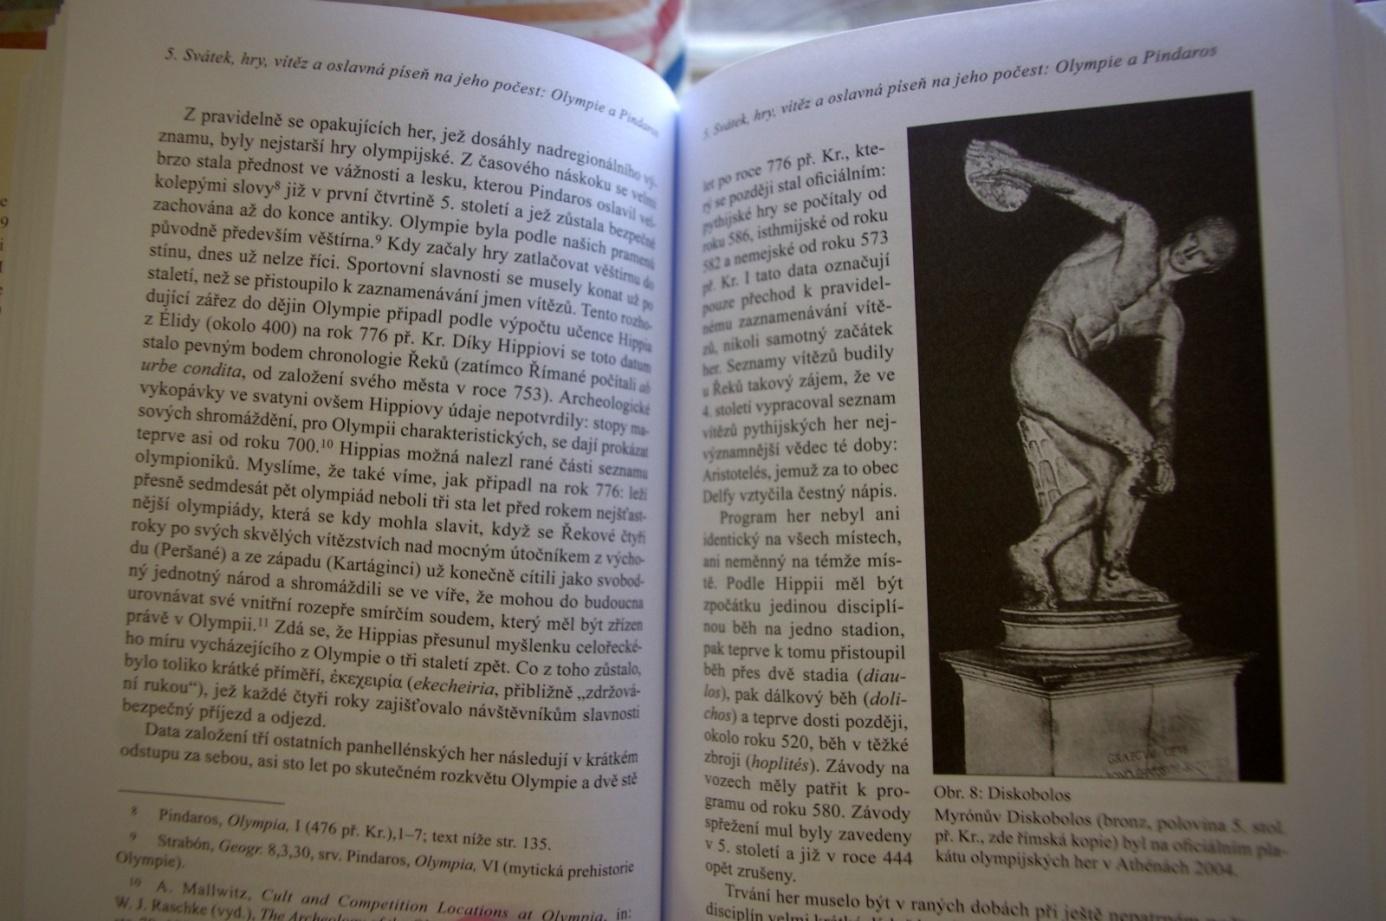 Pohled do knihy Za co vděčí dnešní Evropa Řekům?